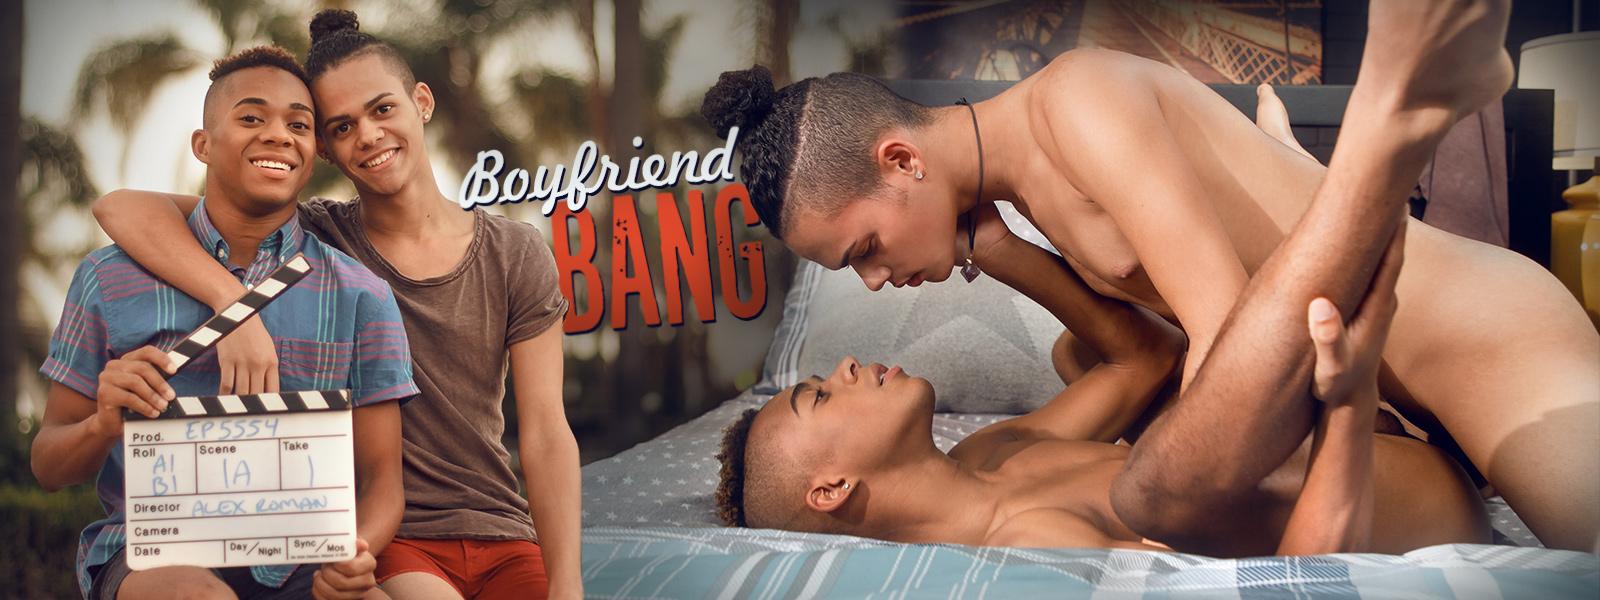 Boyfriend Bang